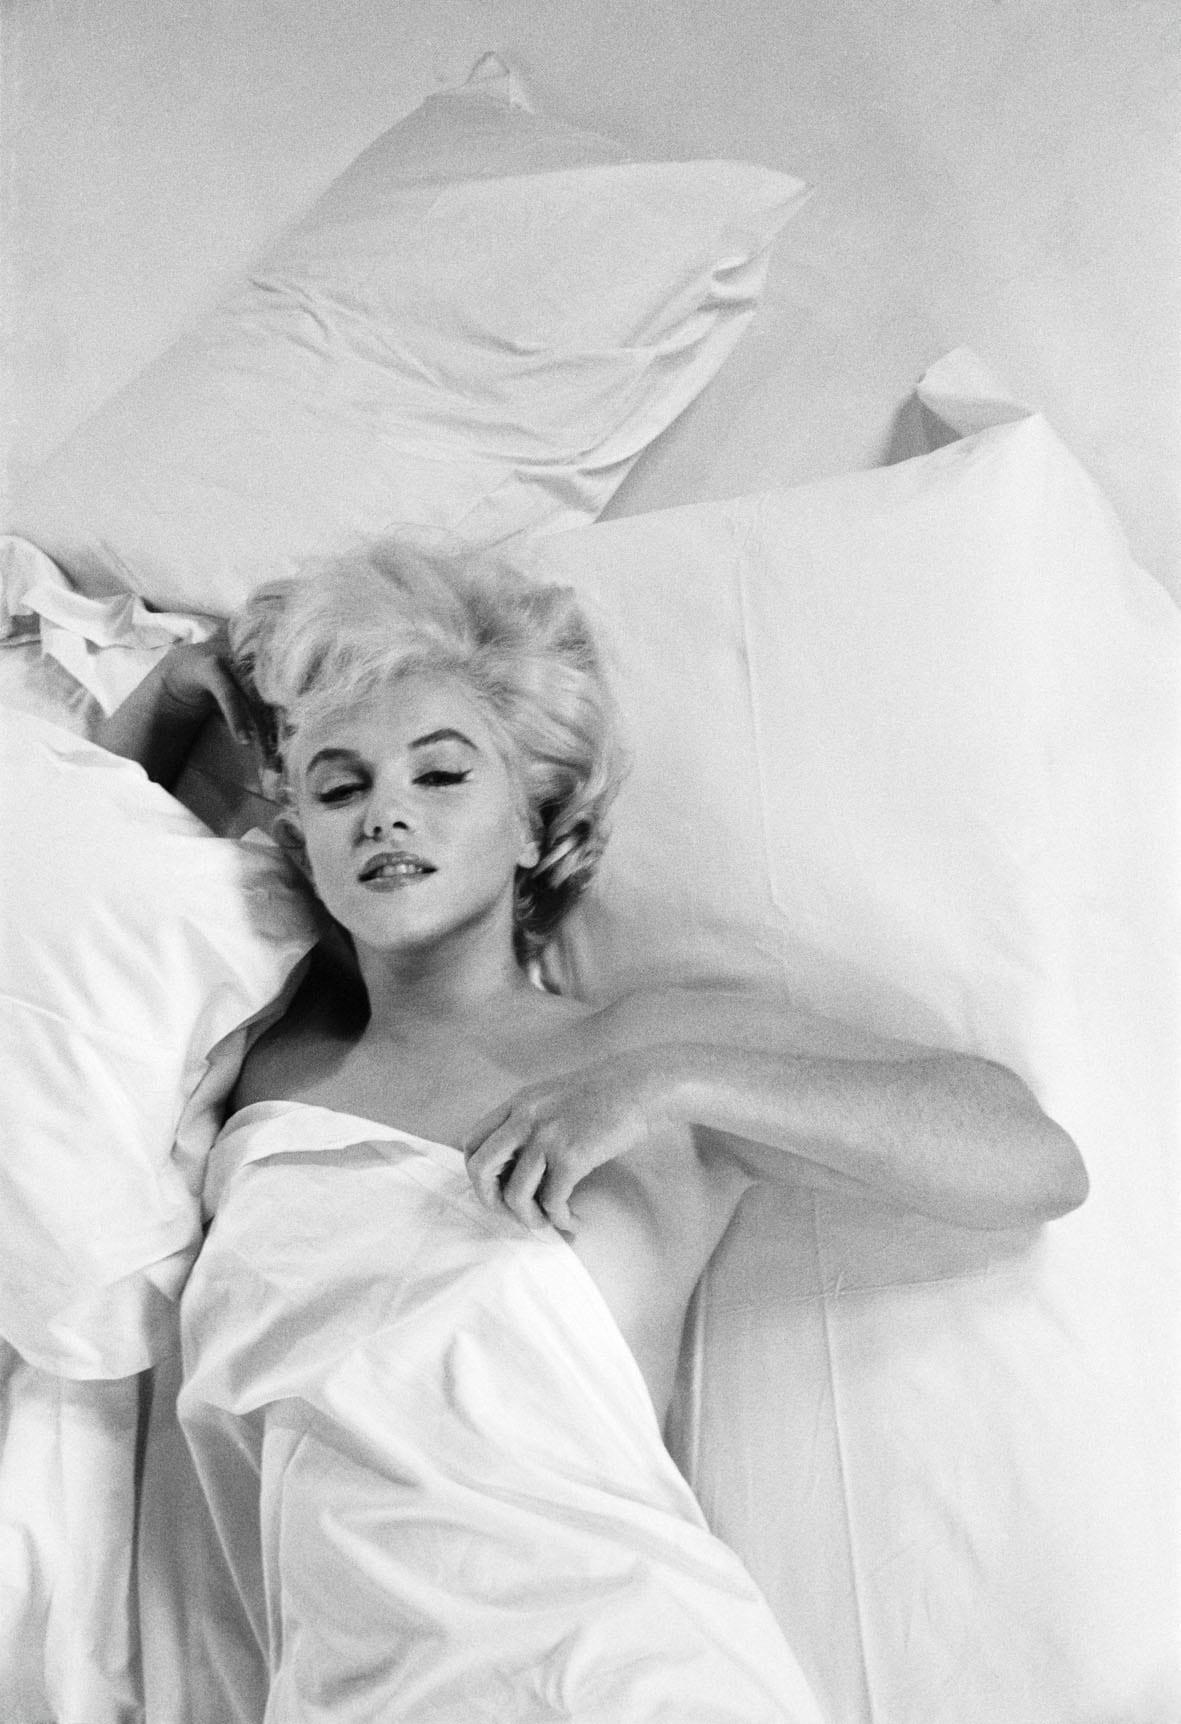 Tutto il fascino femminile negli scatti di Eve Arnold, la prima donna di Magnum. La mostra a Padova